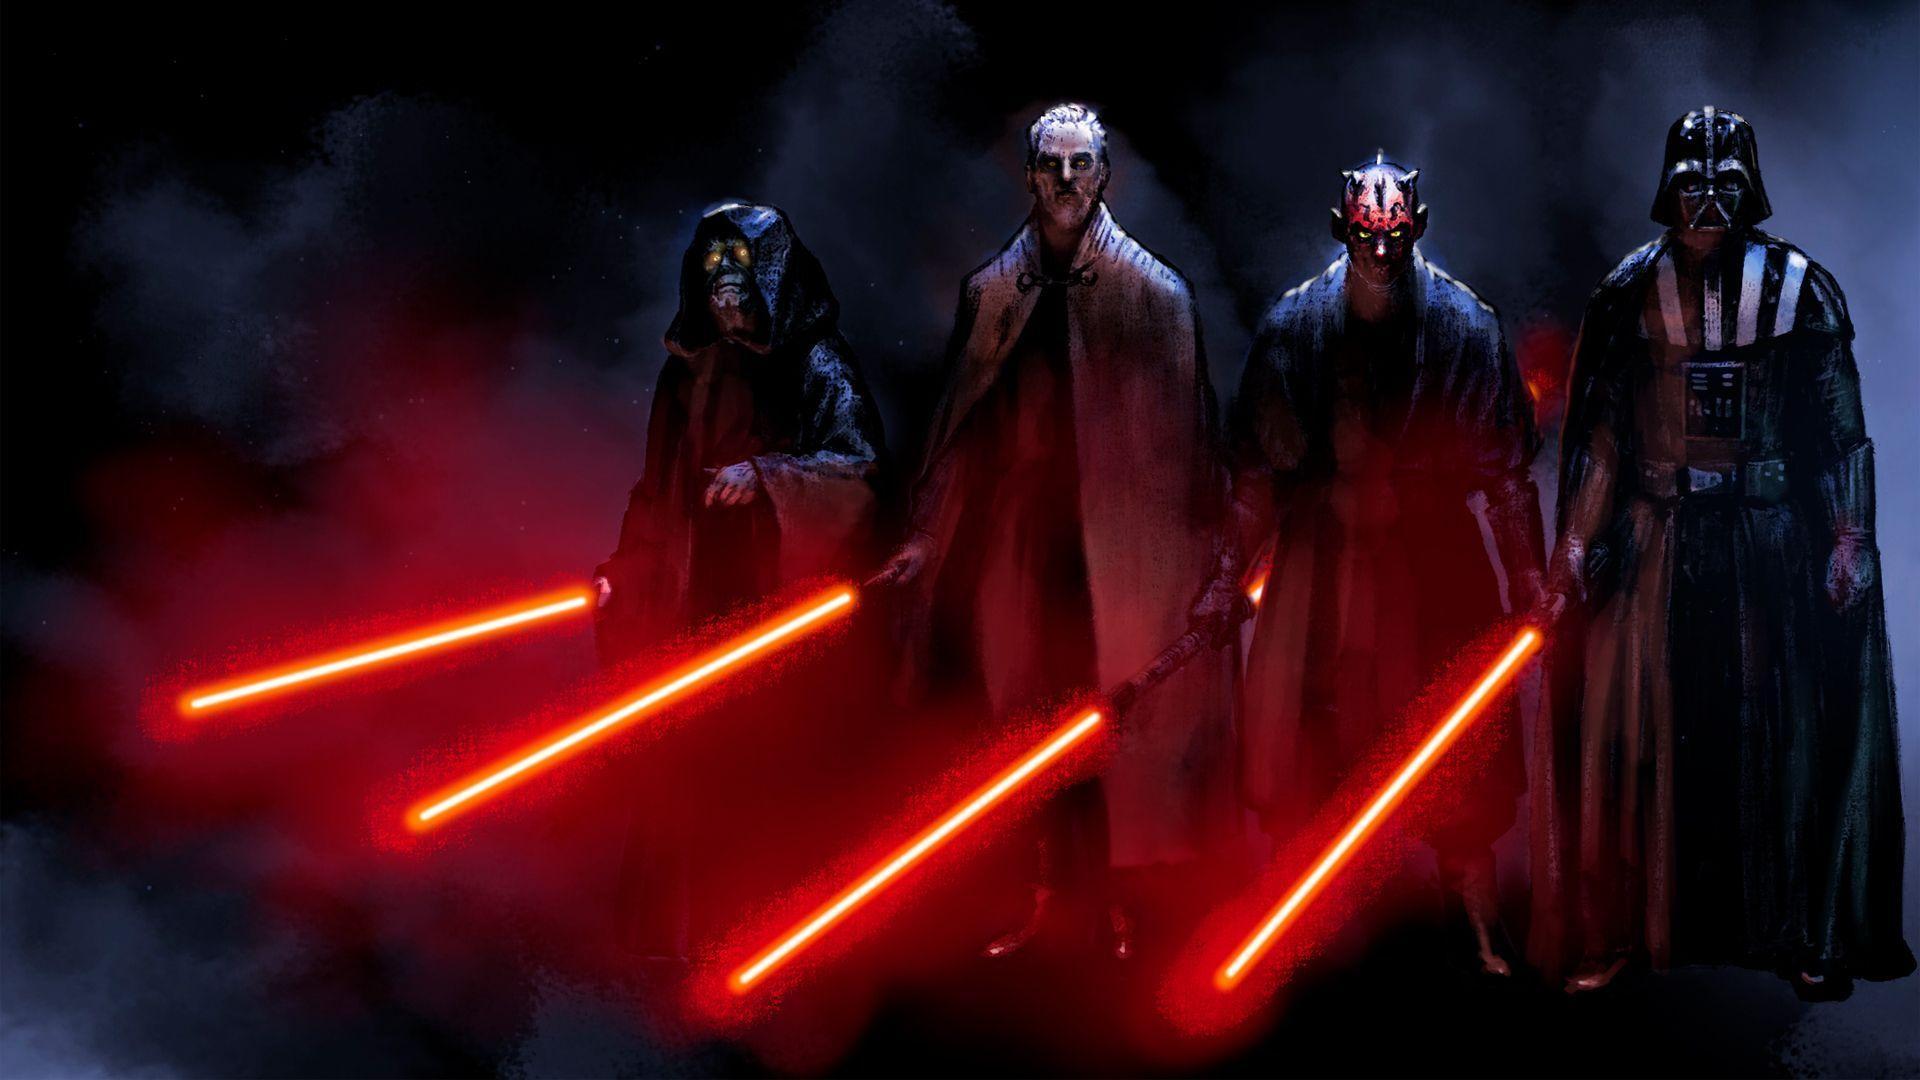 Star Wars Villains Wallpapers Top Free Star Wars Villains Backgrounds Wallpaperaccess